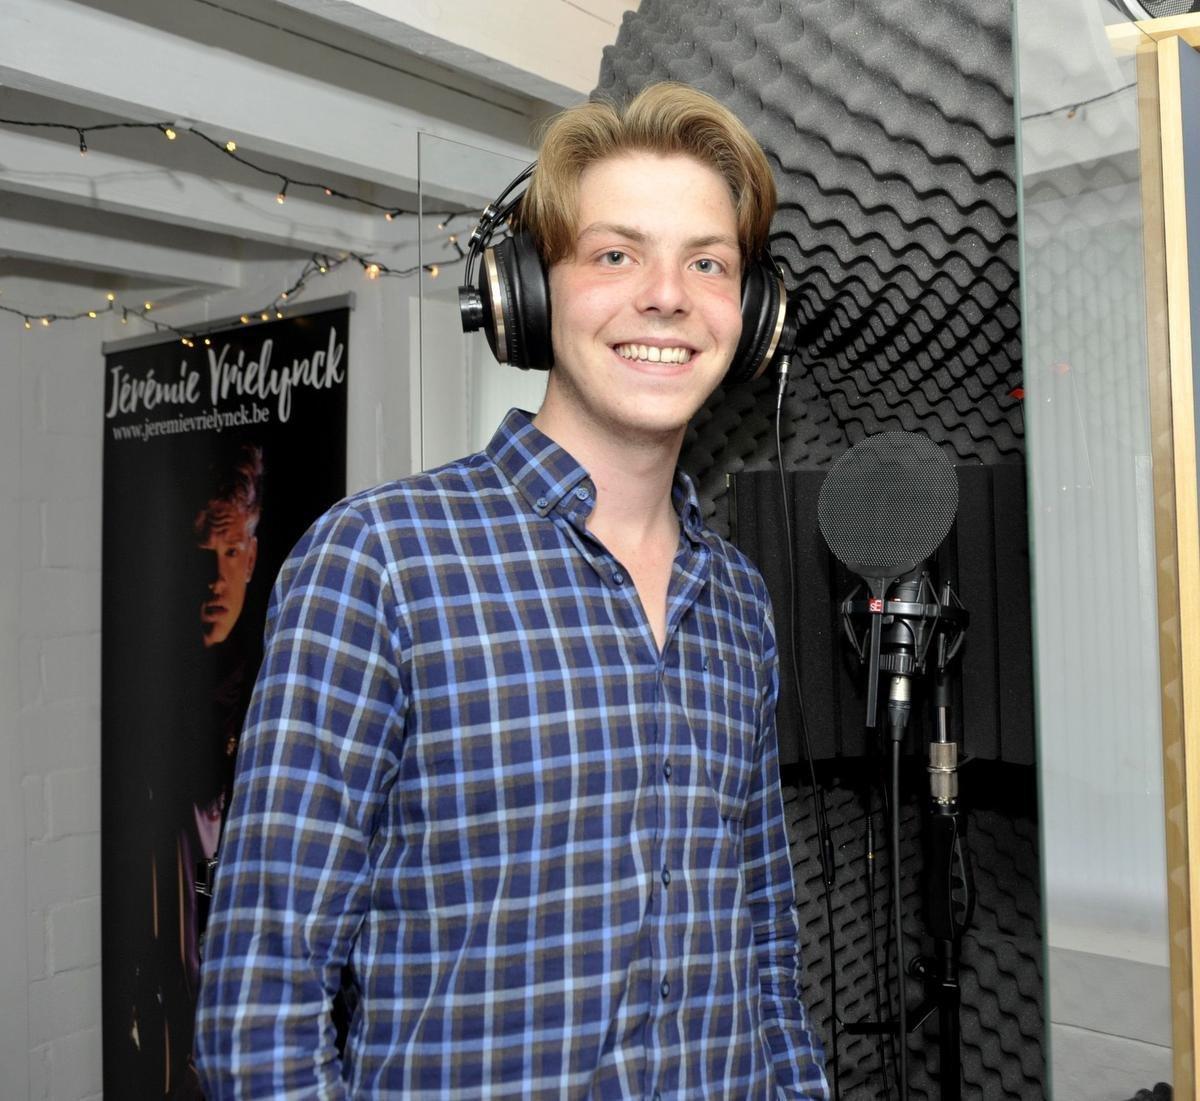 Mervyn tijdens de opname van zijn eerste single.